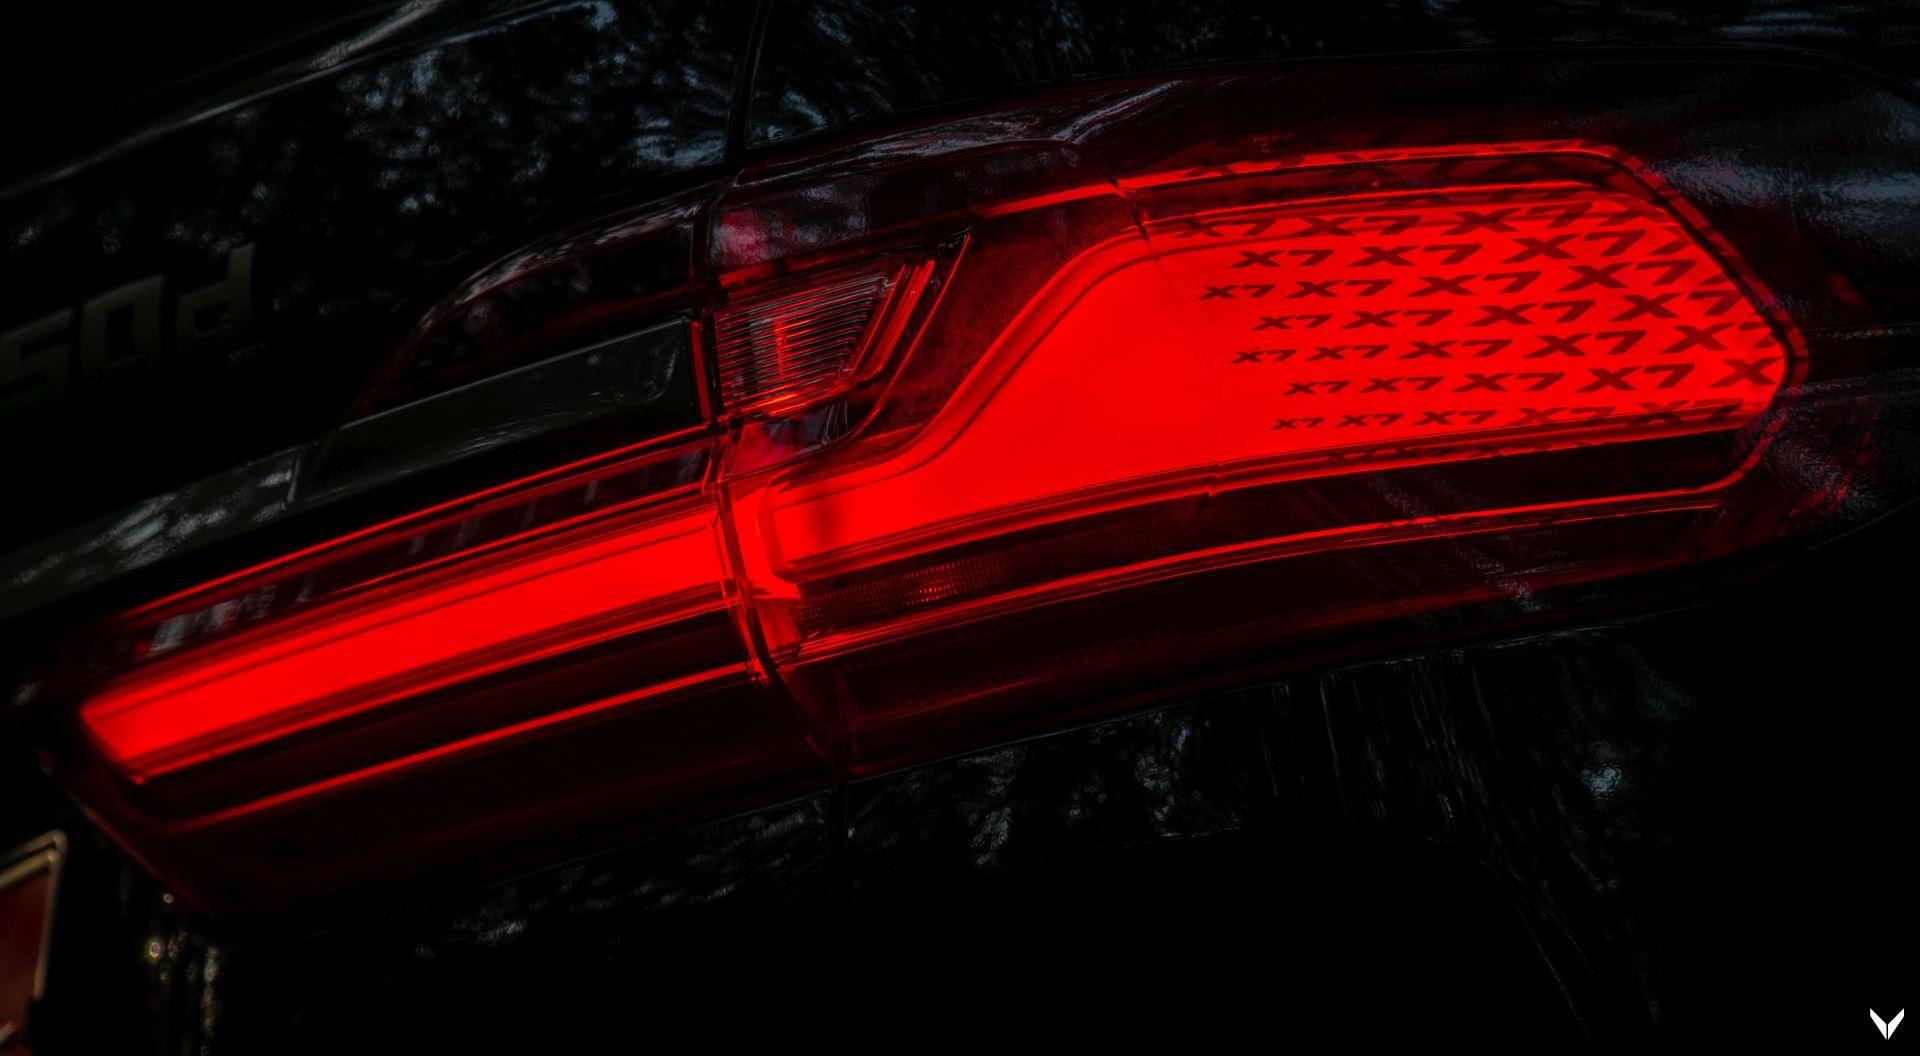 BMW-X7-by-Vilner-7